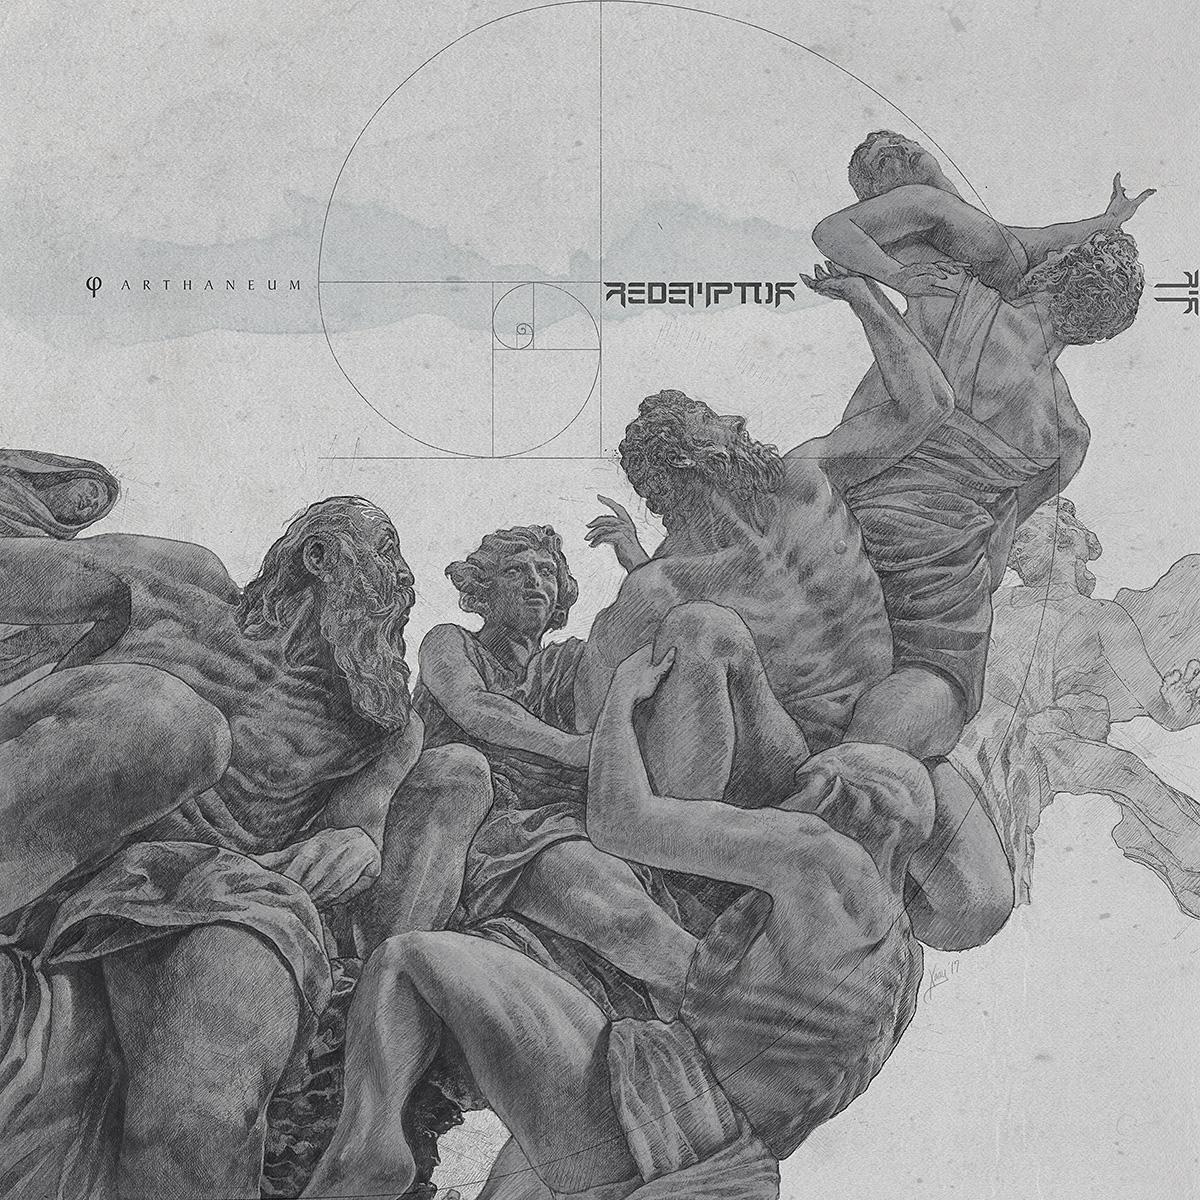 Redemptor - Arthaneum by xaay